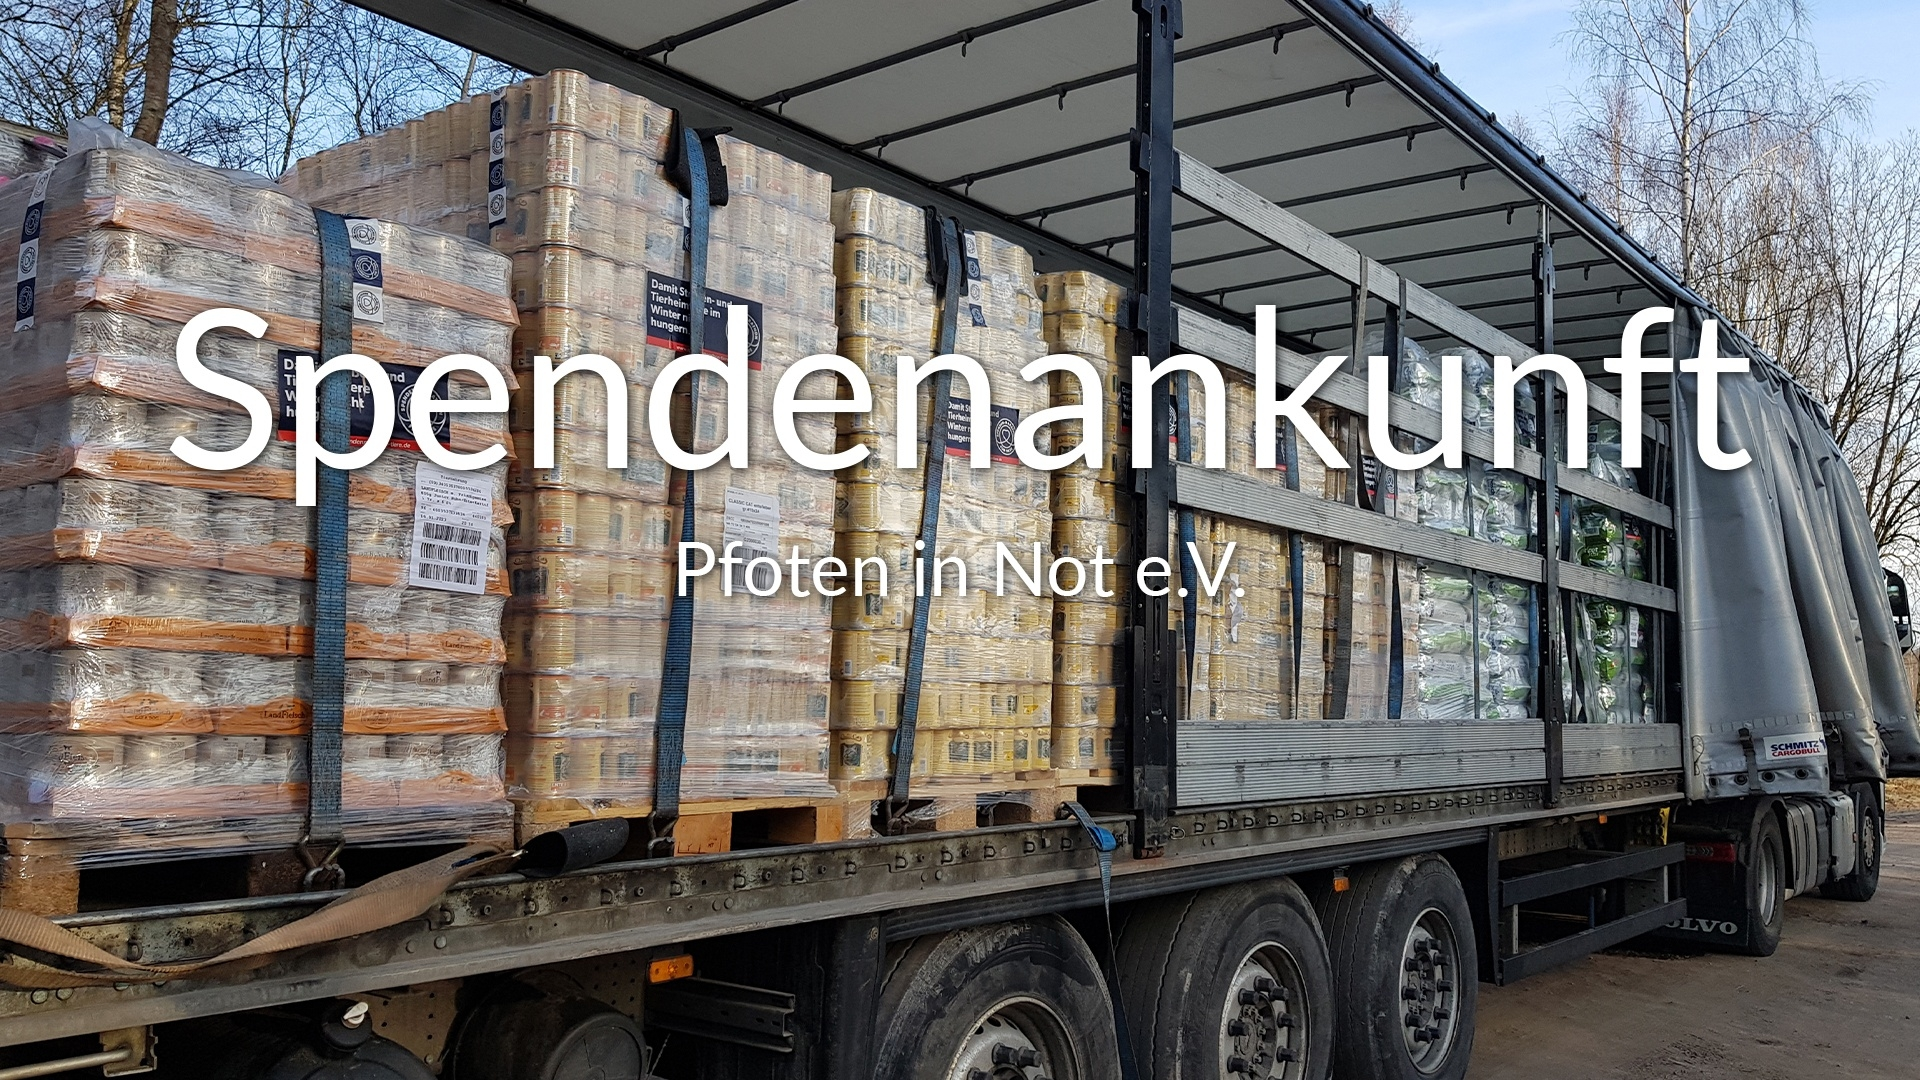 Pfoten in Not e.V.-Futterspendenankunft-februar-2020-Spenden-Marathon-2019-Lettland-VIDEO